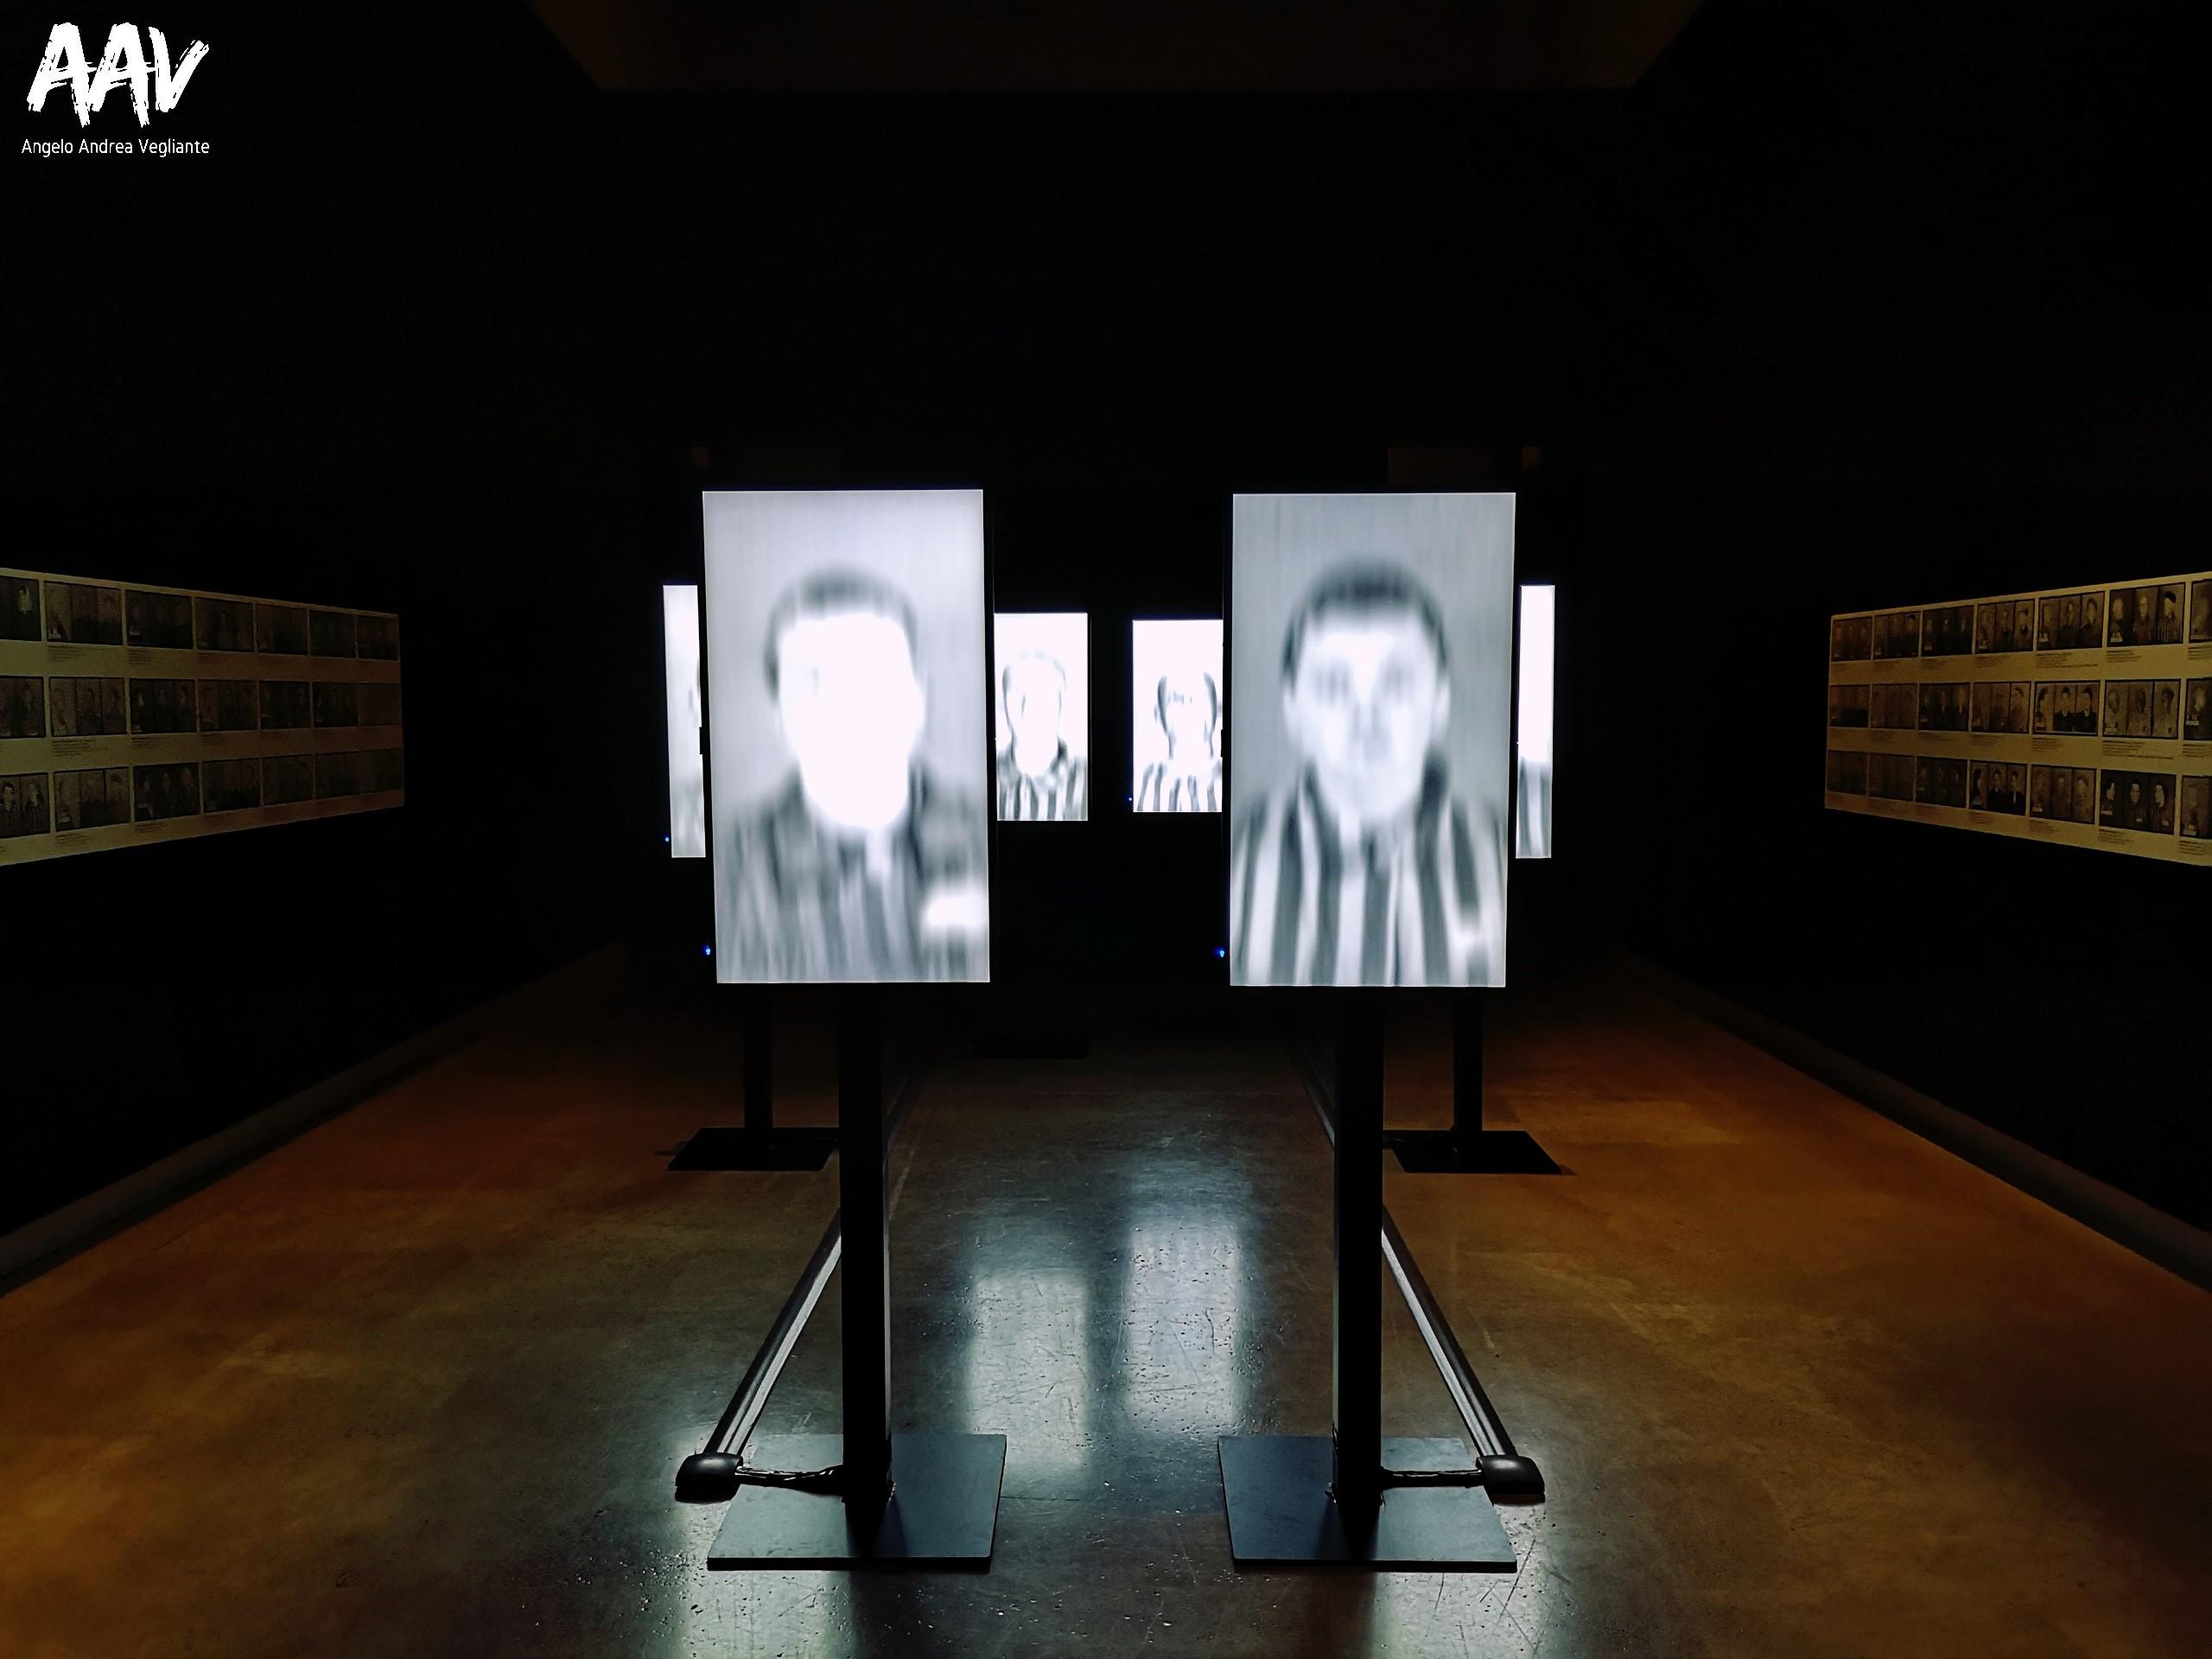 testimoni dei testimoni-Auschwitz-Birkenau-campo di concentramento Auschwitz-Birkenau-campo di concentramento-angelo andrea vegliante-palazzo delle esposizioni-colui che veglia-palazzo delle esposizioni roma